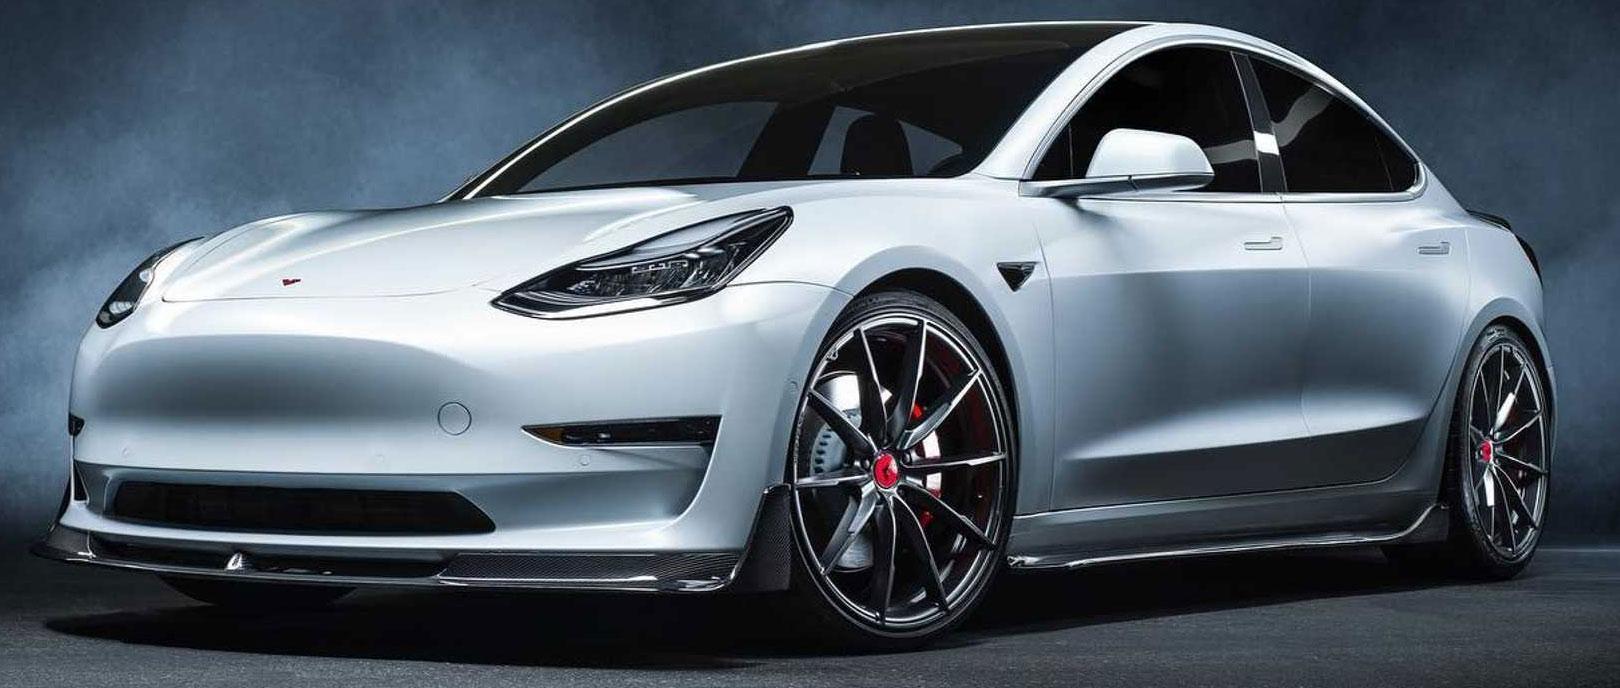 Tesla Model 3 élményvezetés közúton